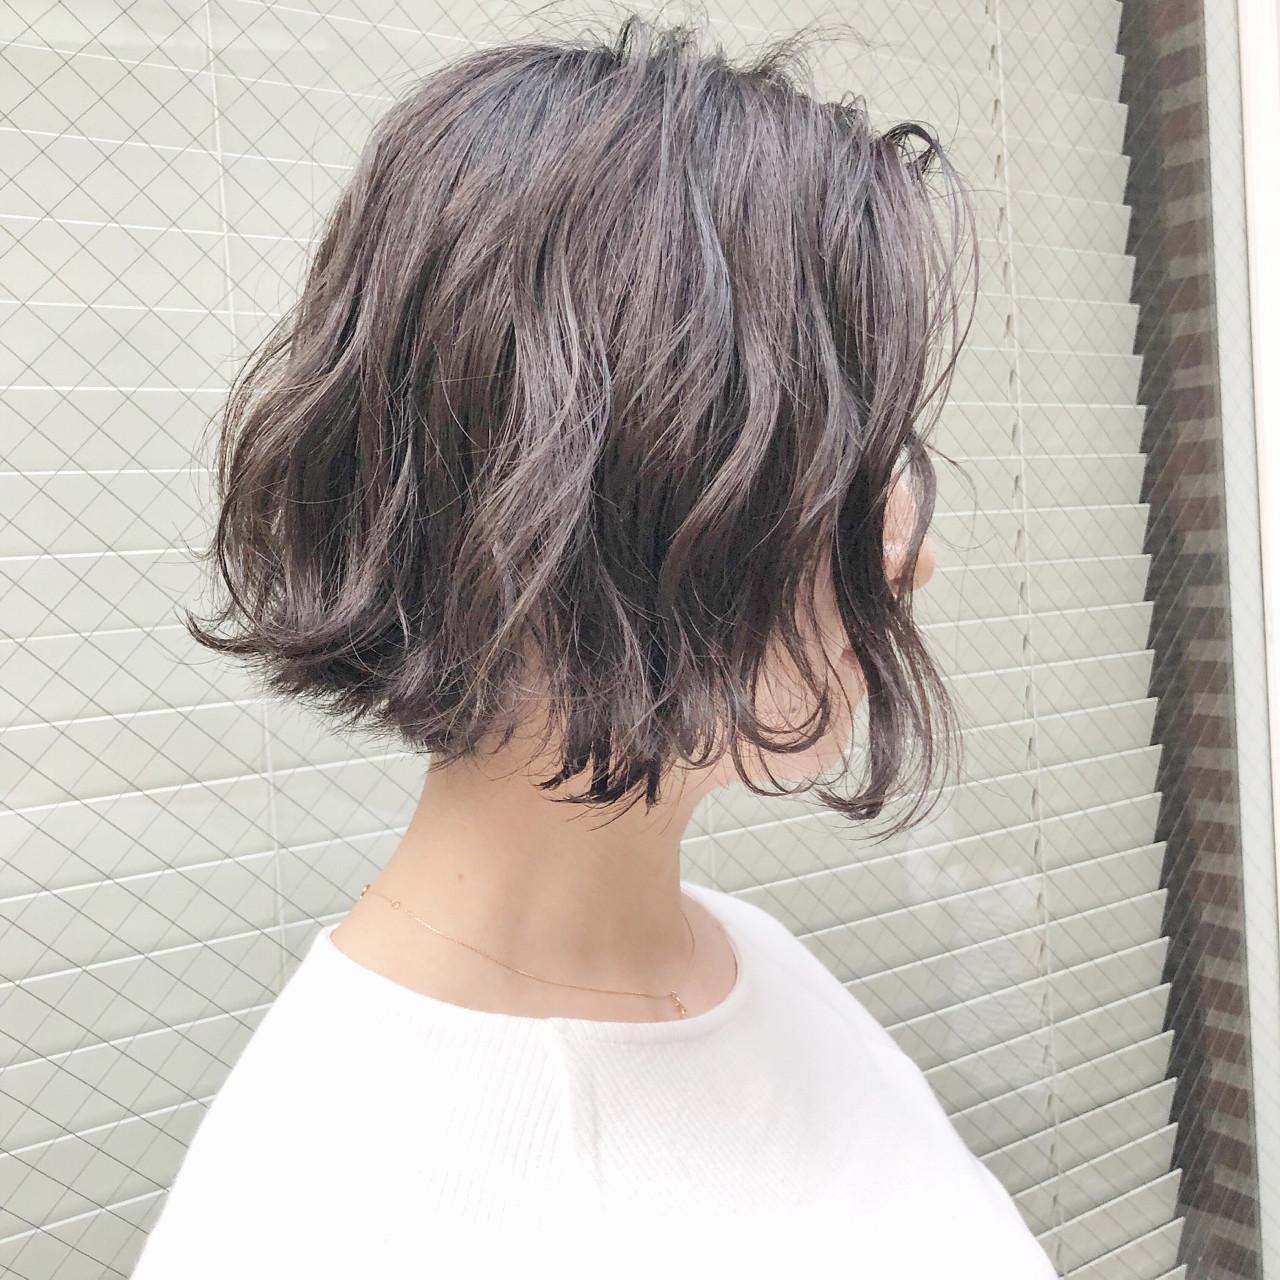 ボブ アンニュイ ニュアンス ナチュラル ヘアスタイルや髪型の写真・画像